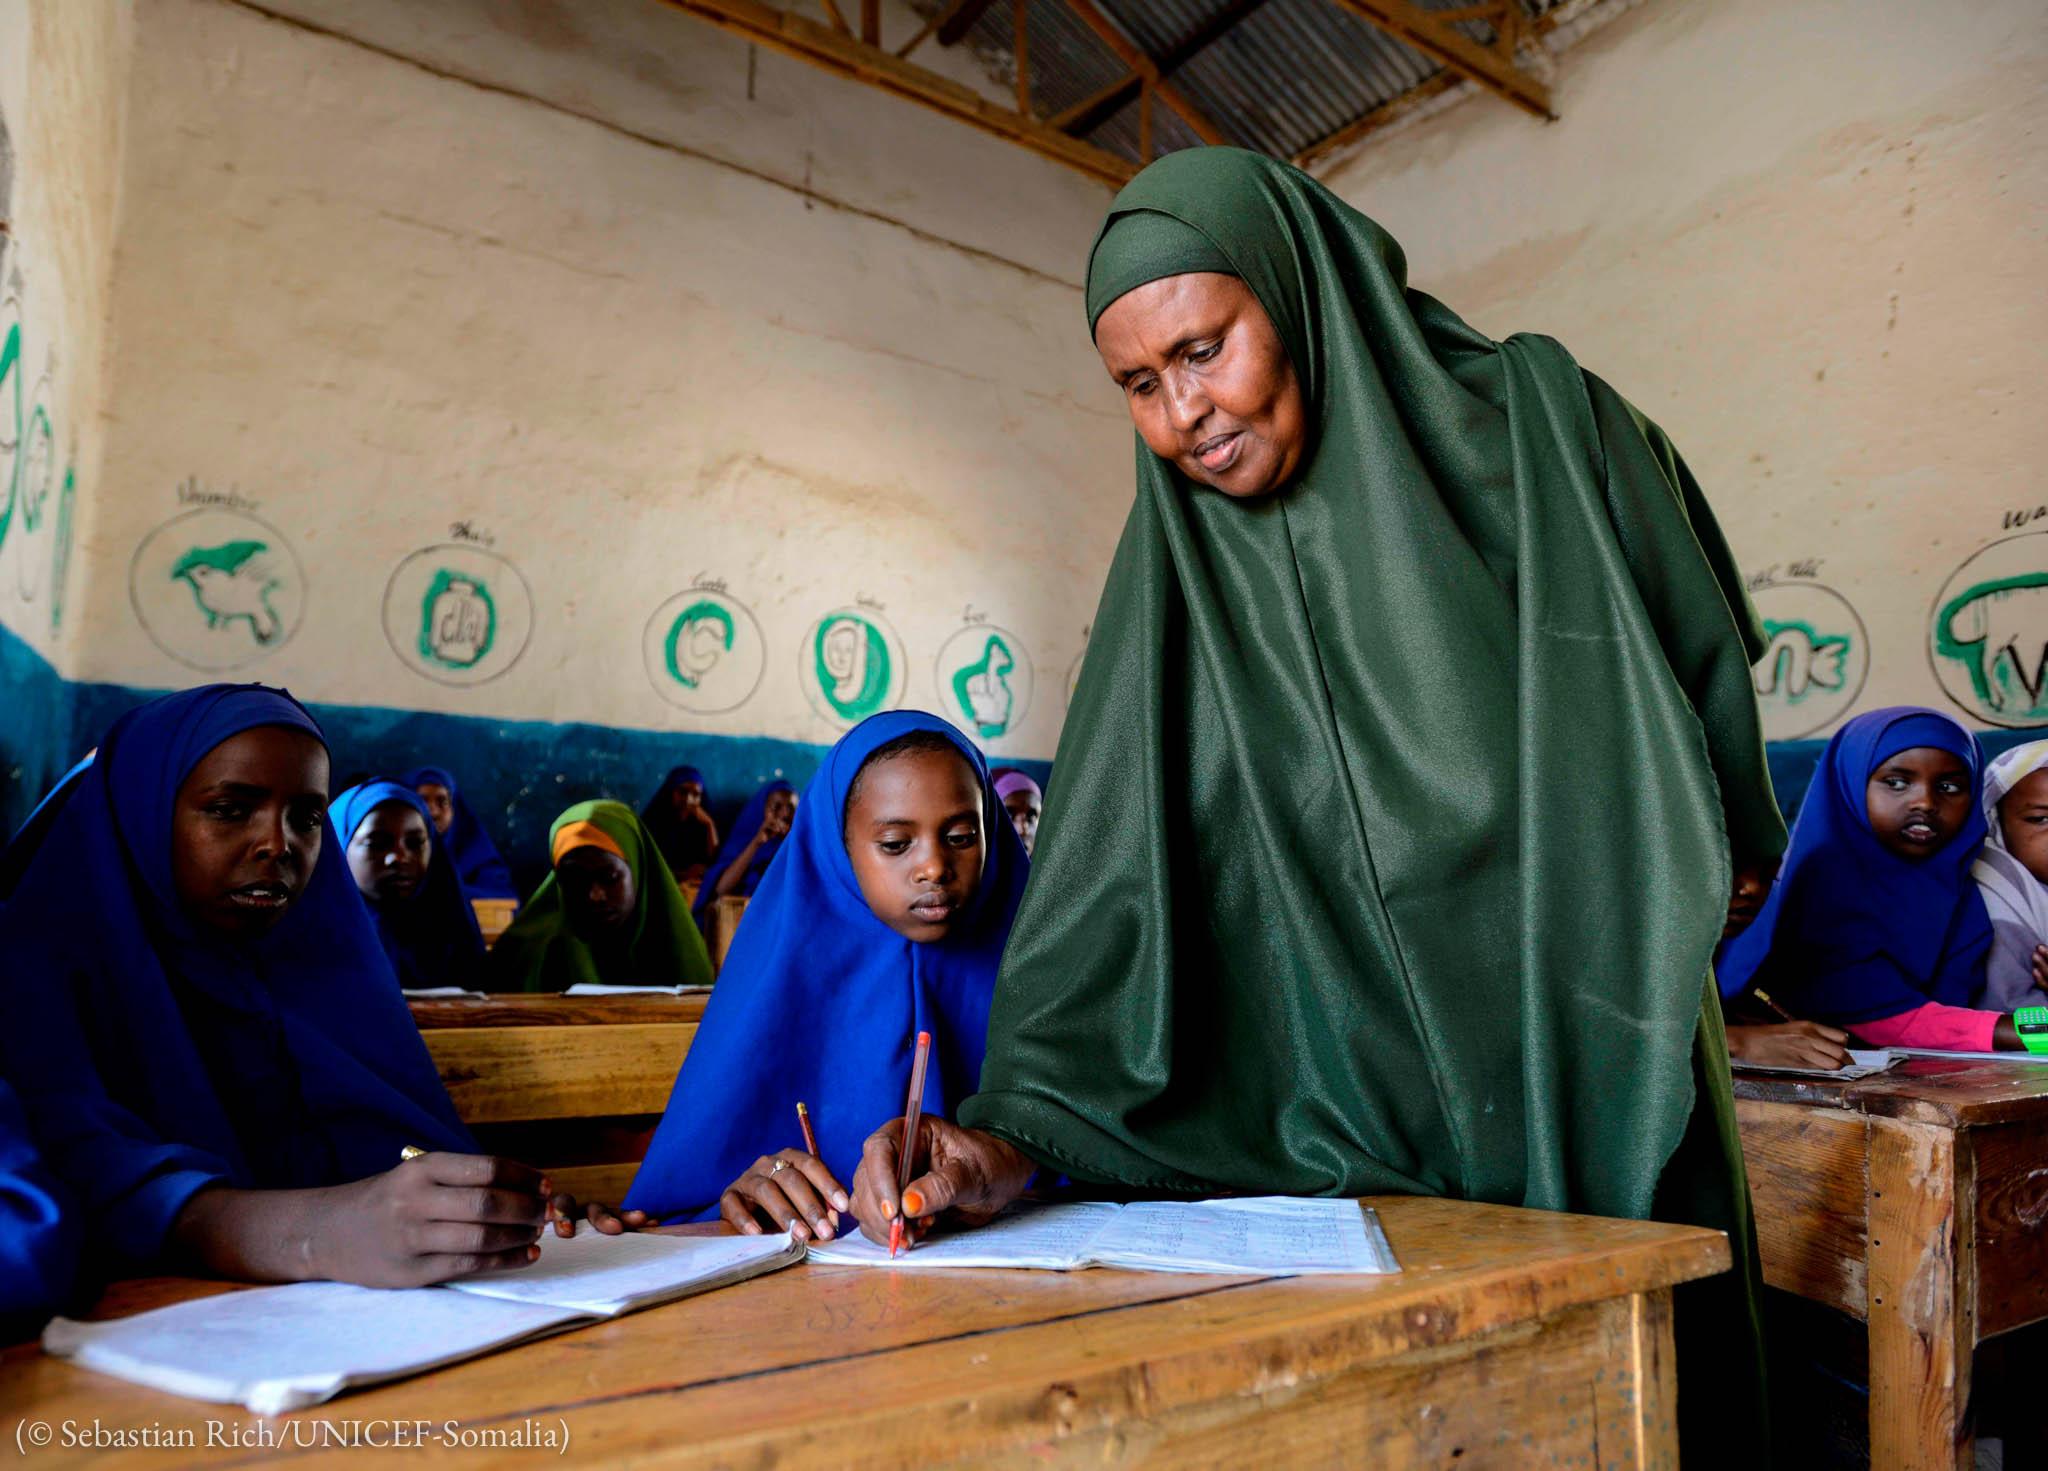 一名教师在教室里站在一个学生的课桌旁(© Sebastain Rich/UNICEF)